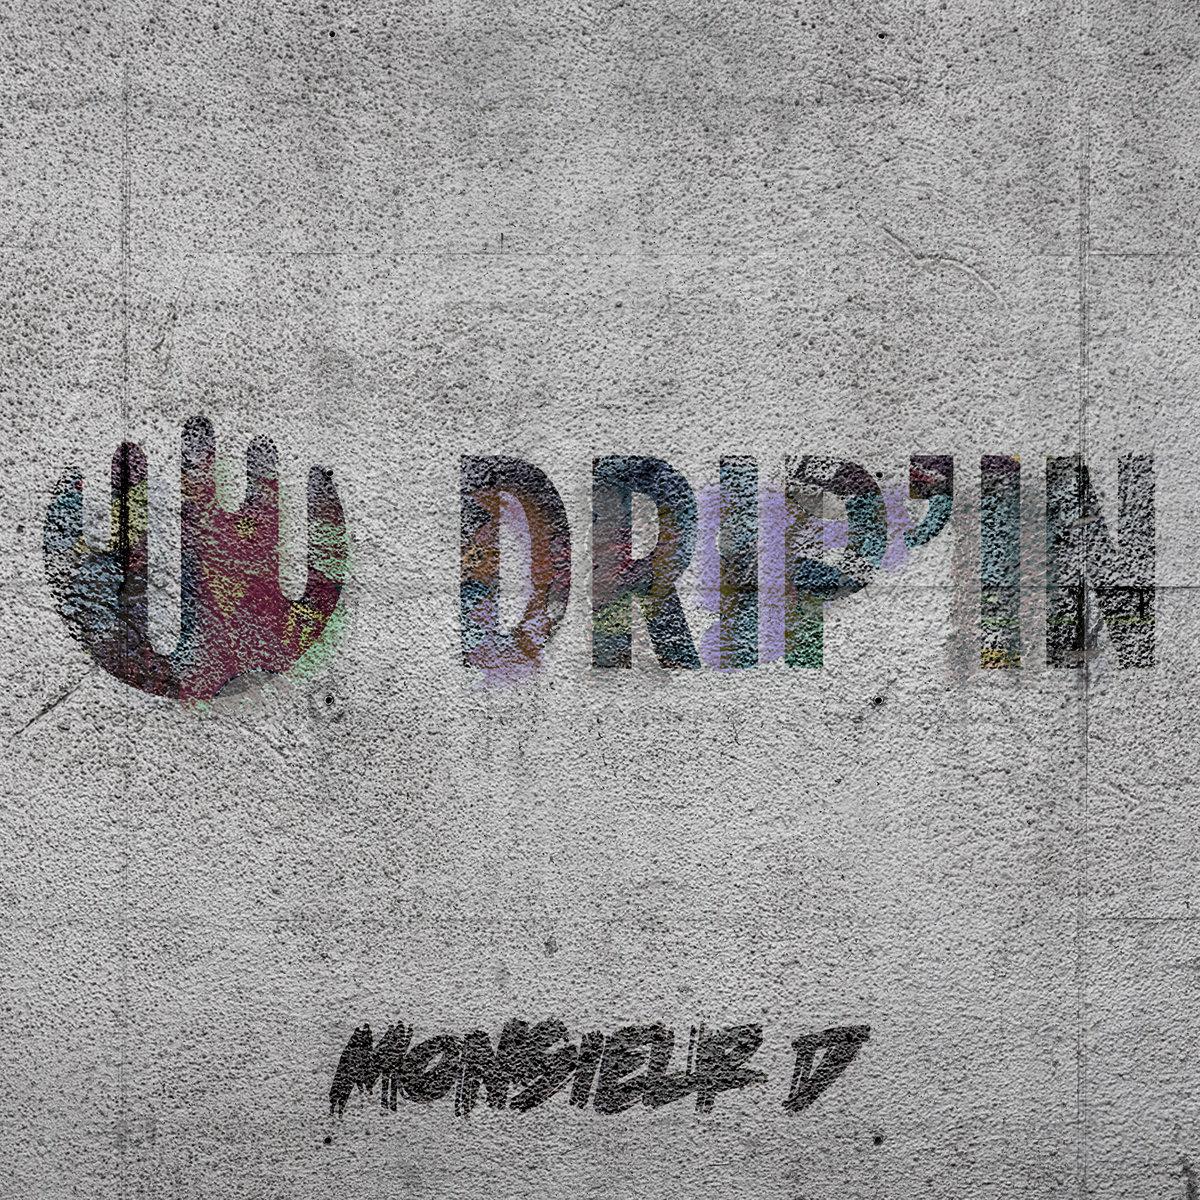 Drip'in by Monsieur D